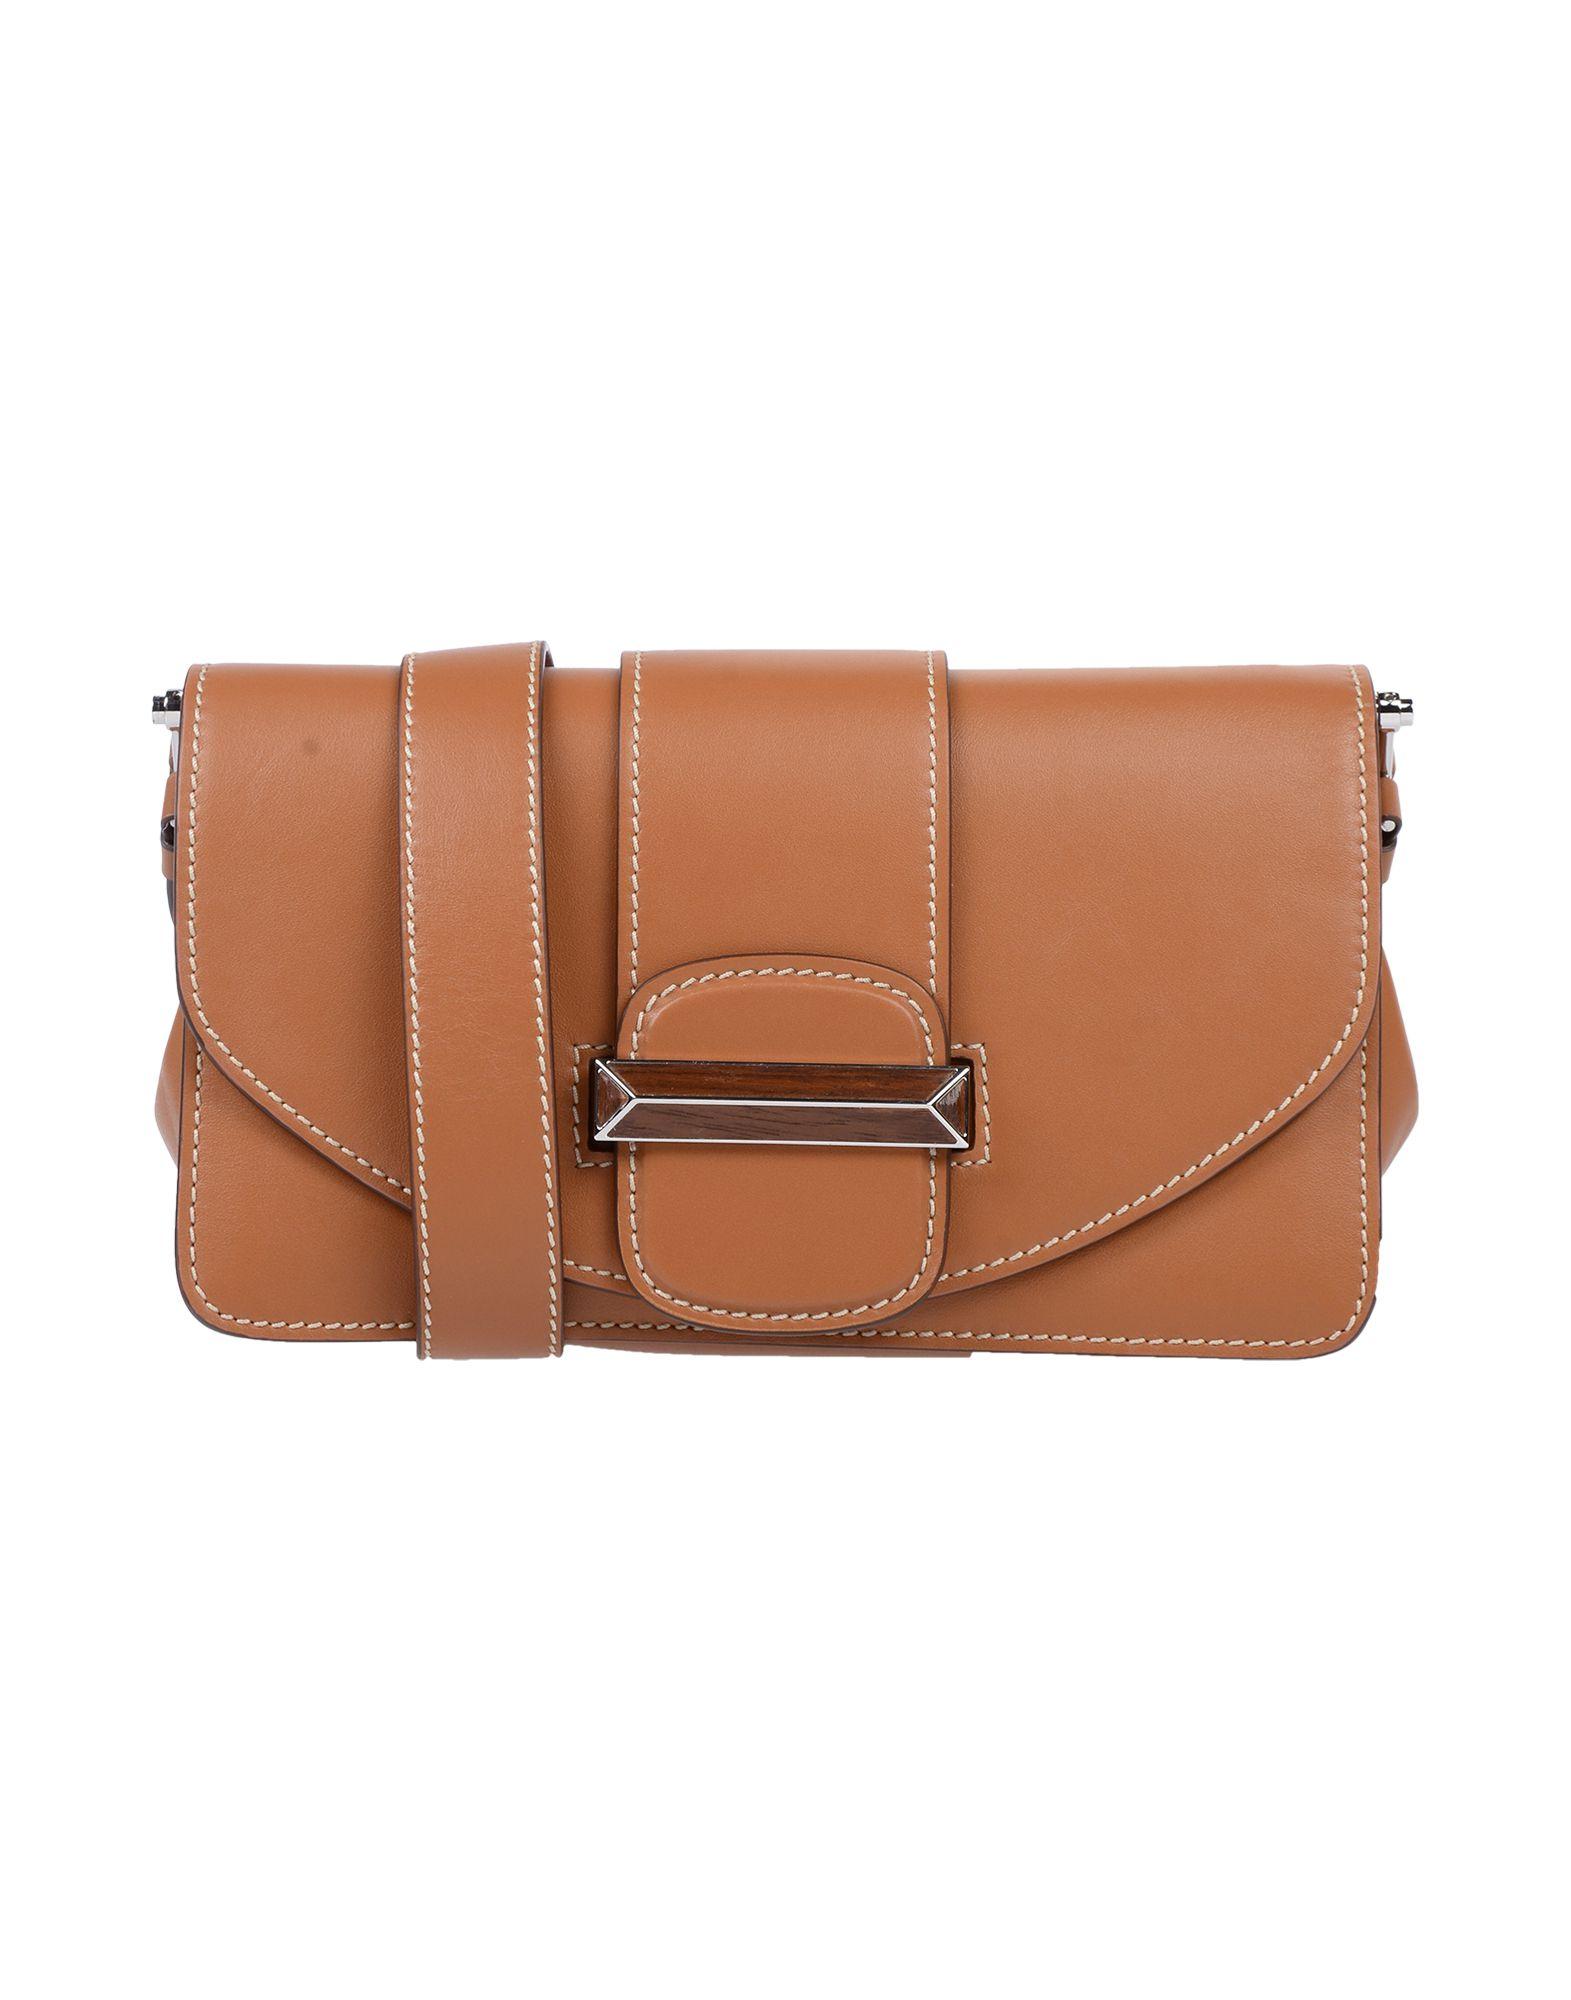 b9f3bf9910 Ballin Cross-Body Bags - Women Ballin Cross-Body Bags online on YOOX ...